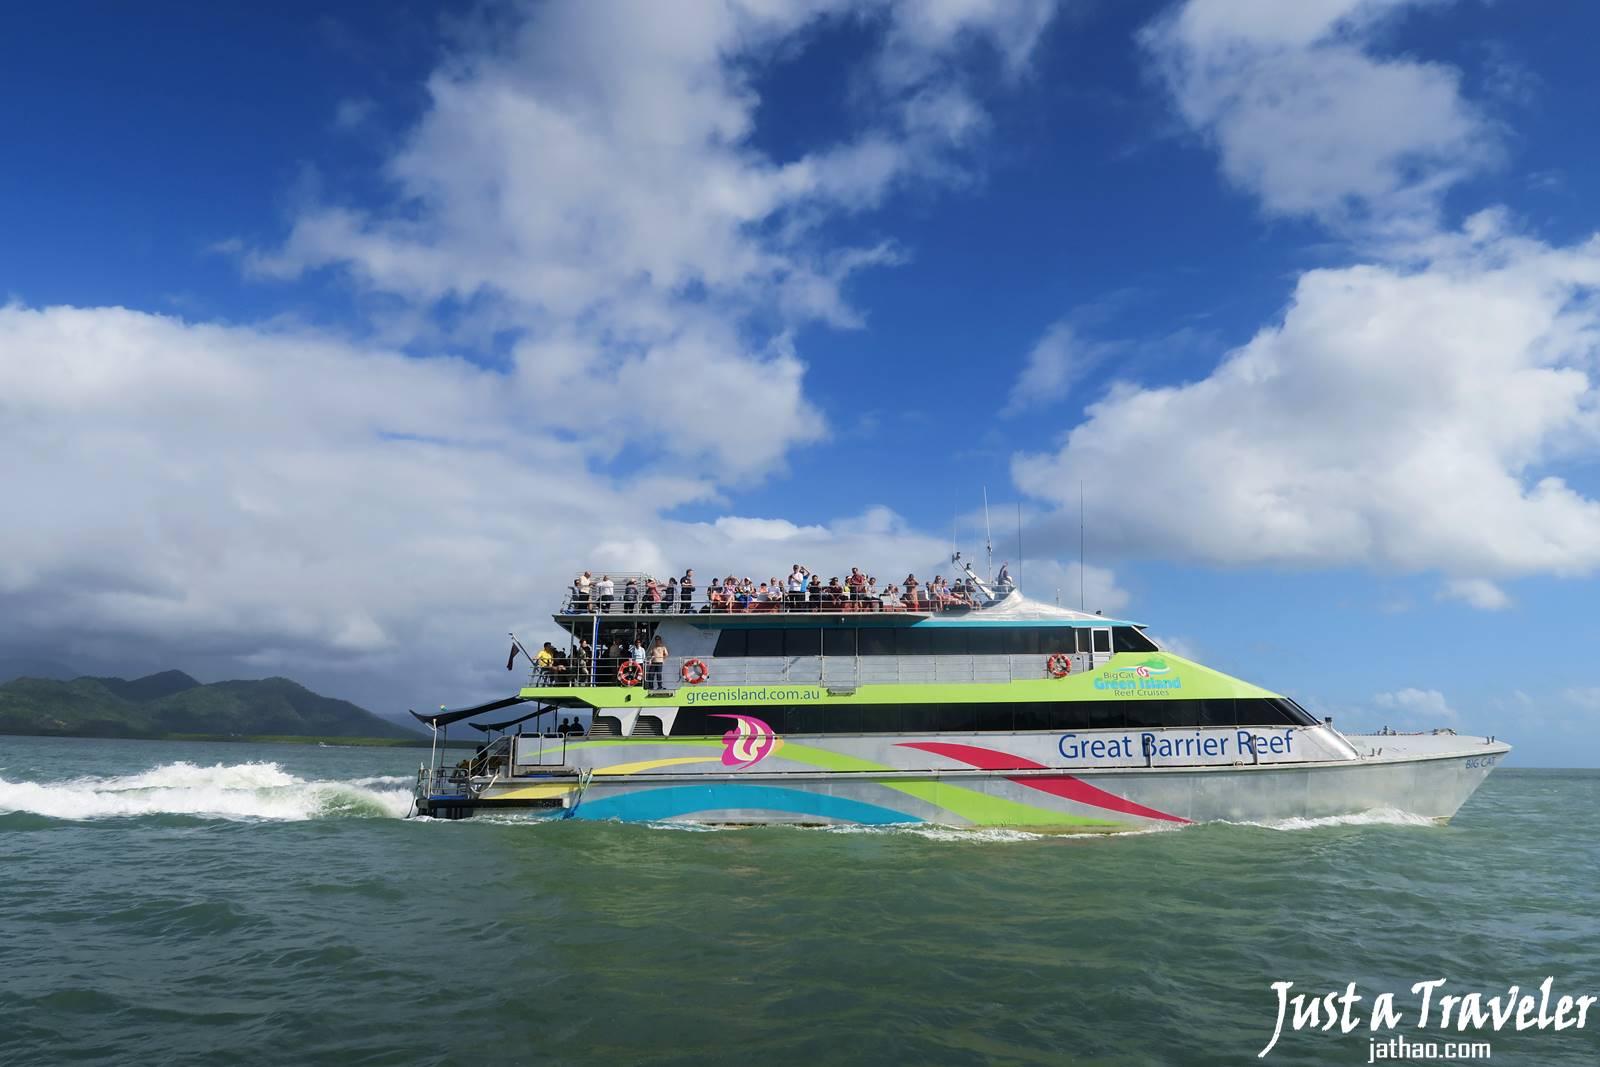 凱恩斯-大堡礁-綠島-翡翠島-內堡礁-交通-推薦-旅遊-自由行-澳洲-Carins-Great-Barrier-Reef-Green-Island-Fitzroy-Island-Ferry-Travel-Australia